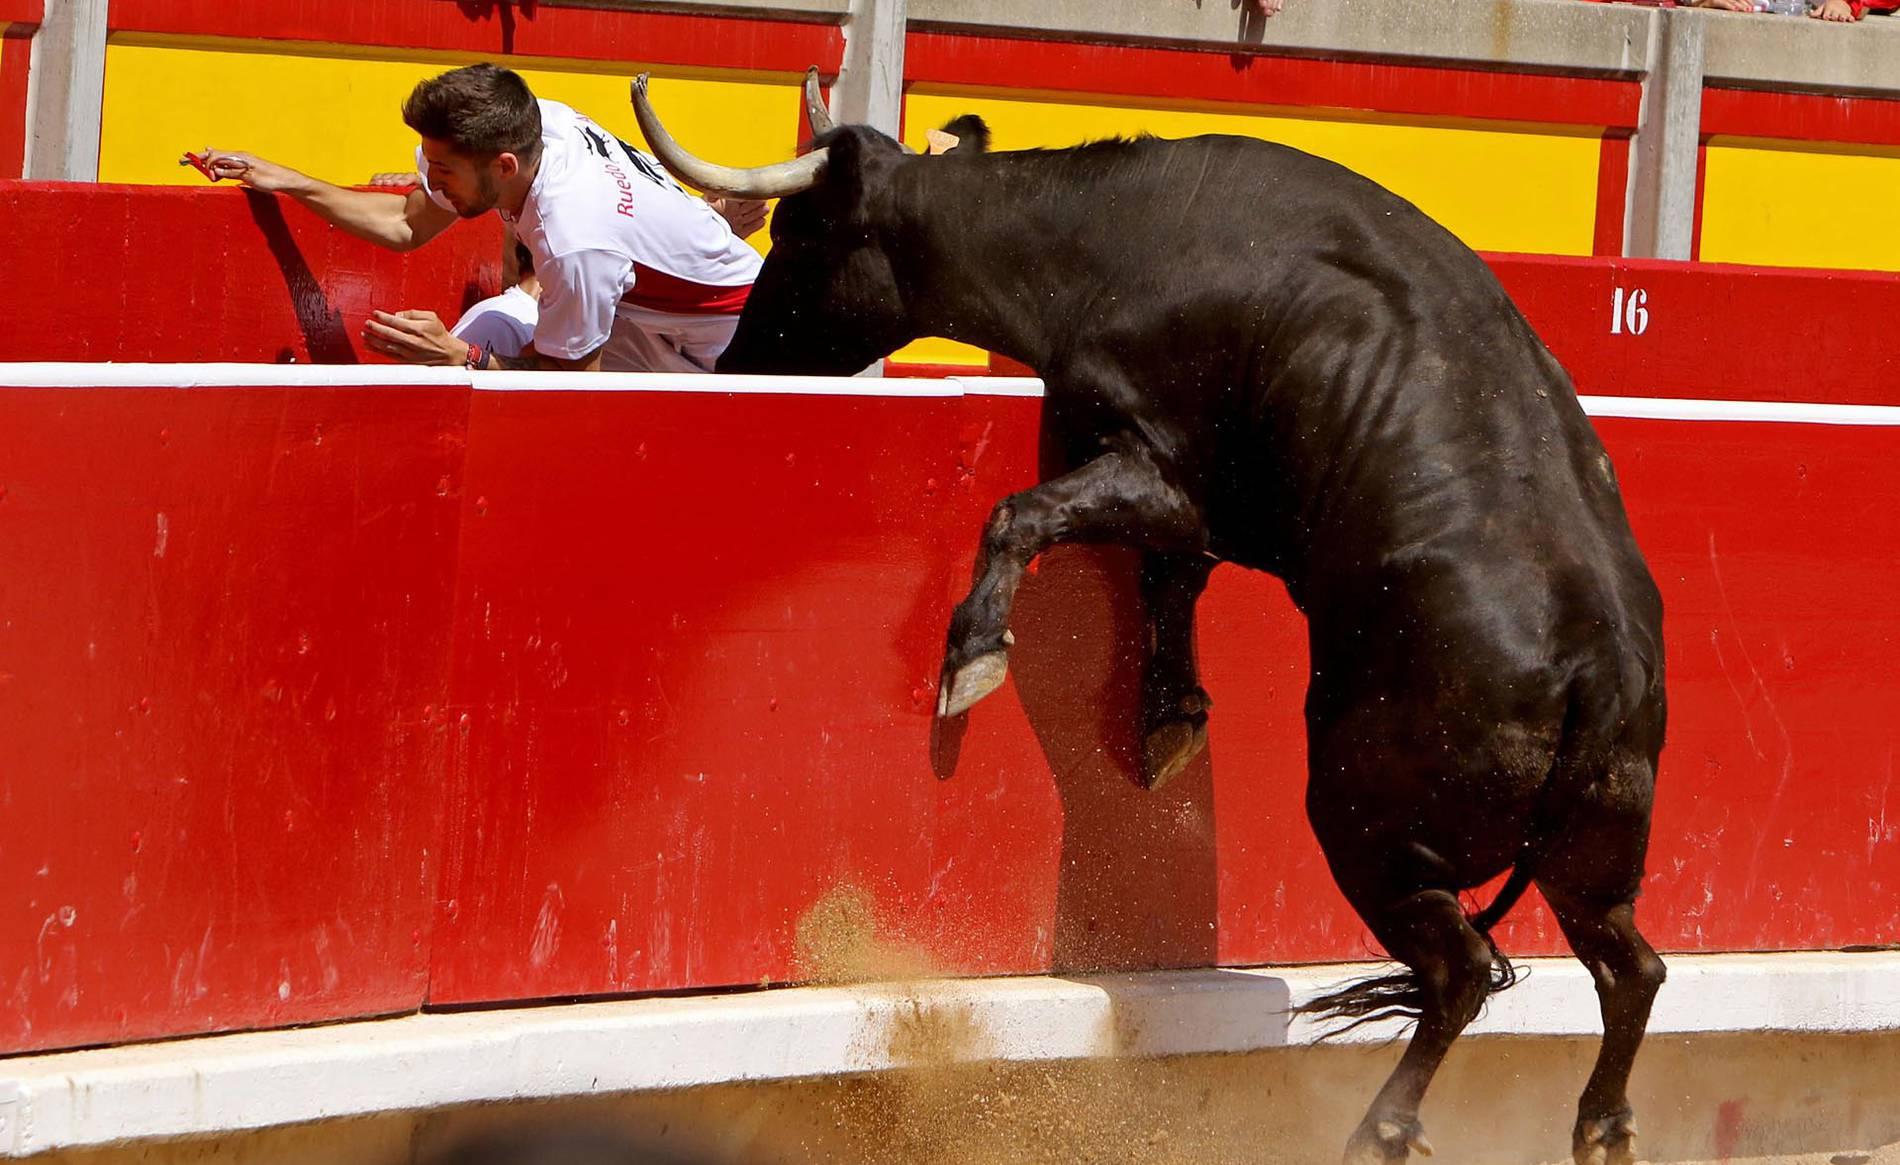 Concurso de recortadores de San Fermín (1/24) - La plaza de toros de Pamplona acogió este domingo 9 de julio el tradicional festejo taurino. - San Fermín -